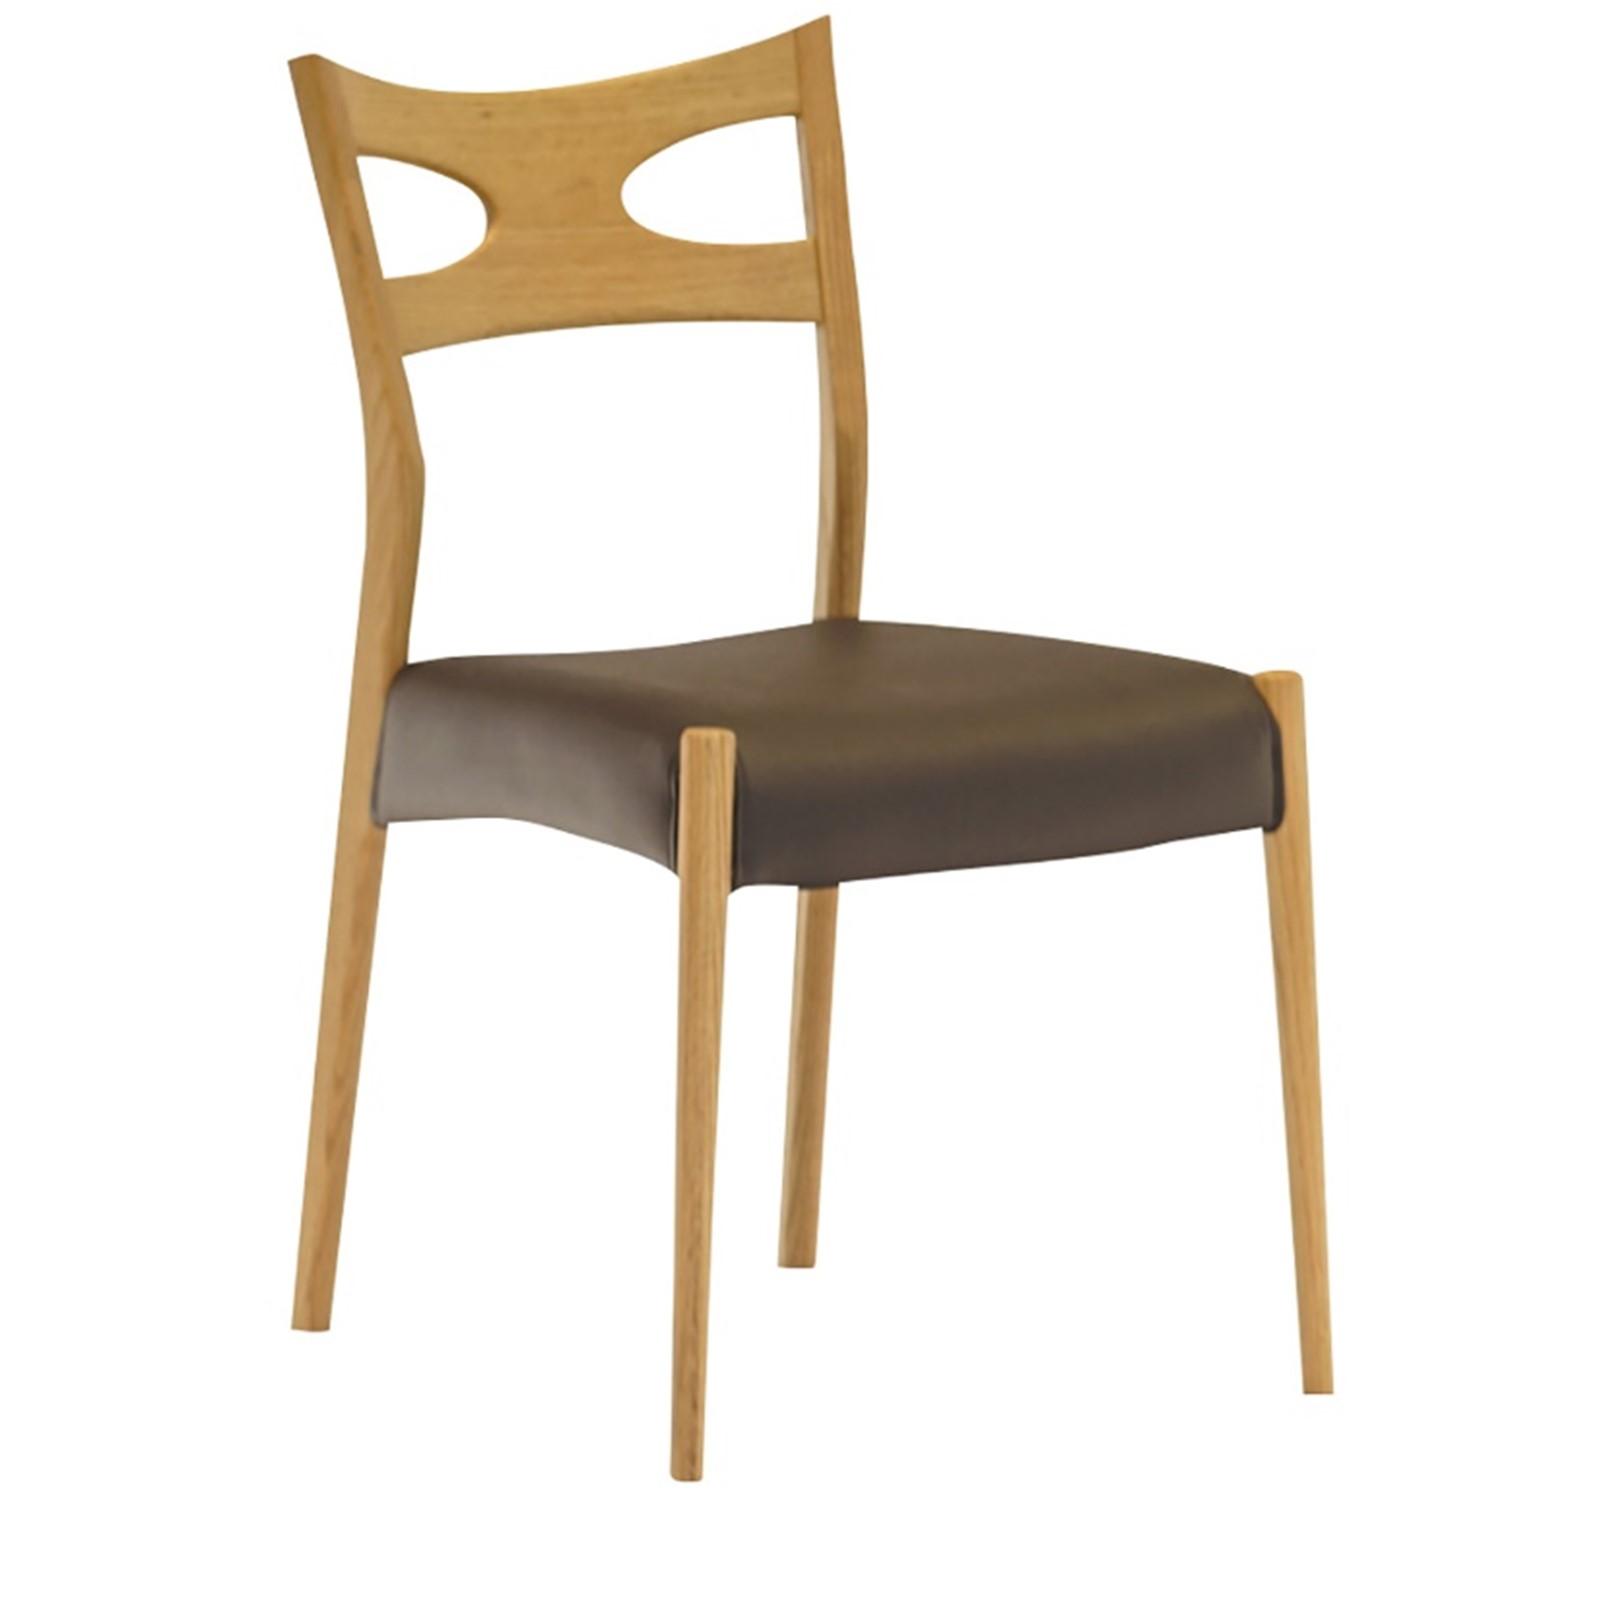 食堂椅子 NA 笠木 w14938